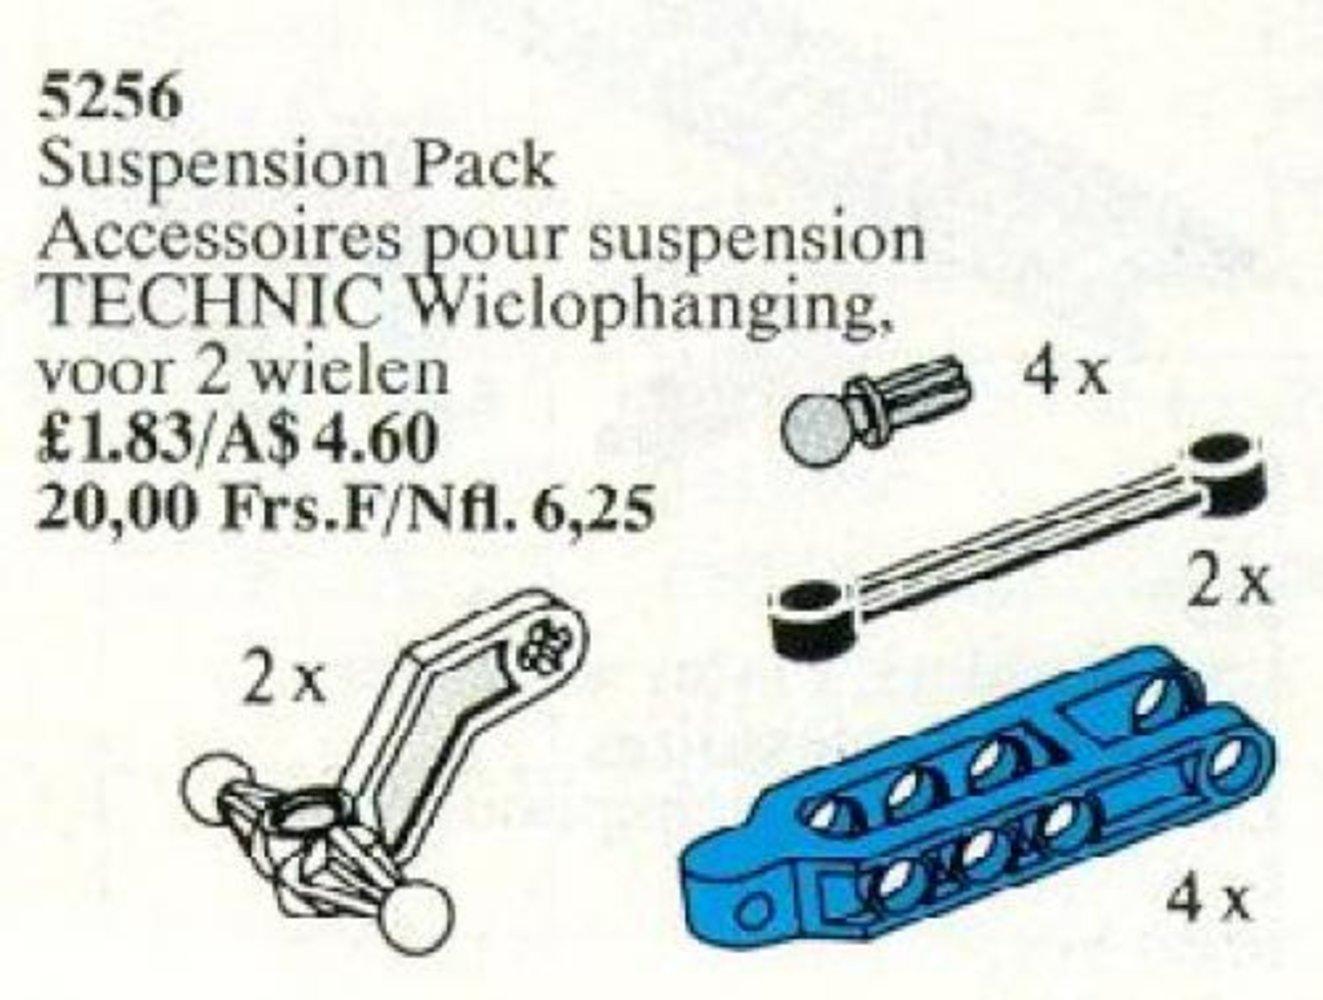 Suspension Pack